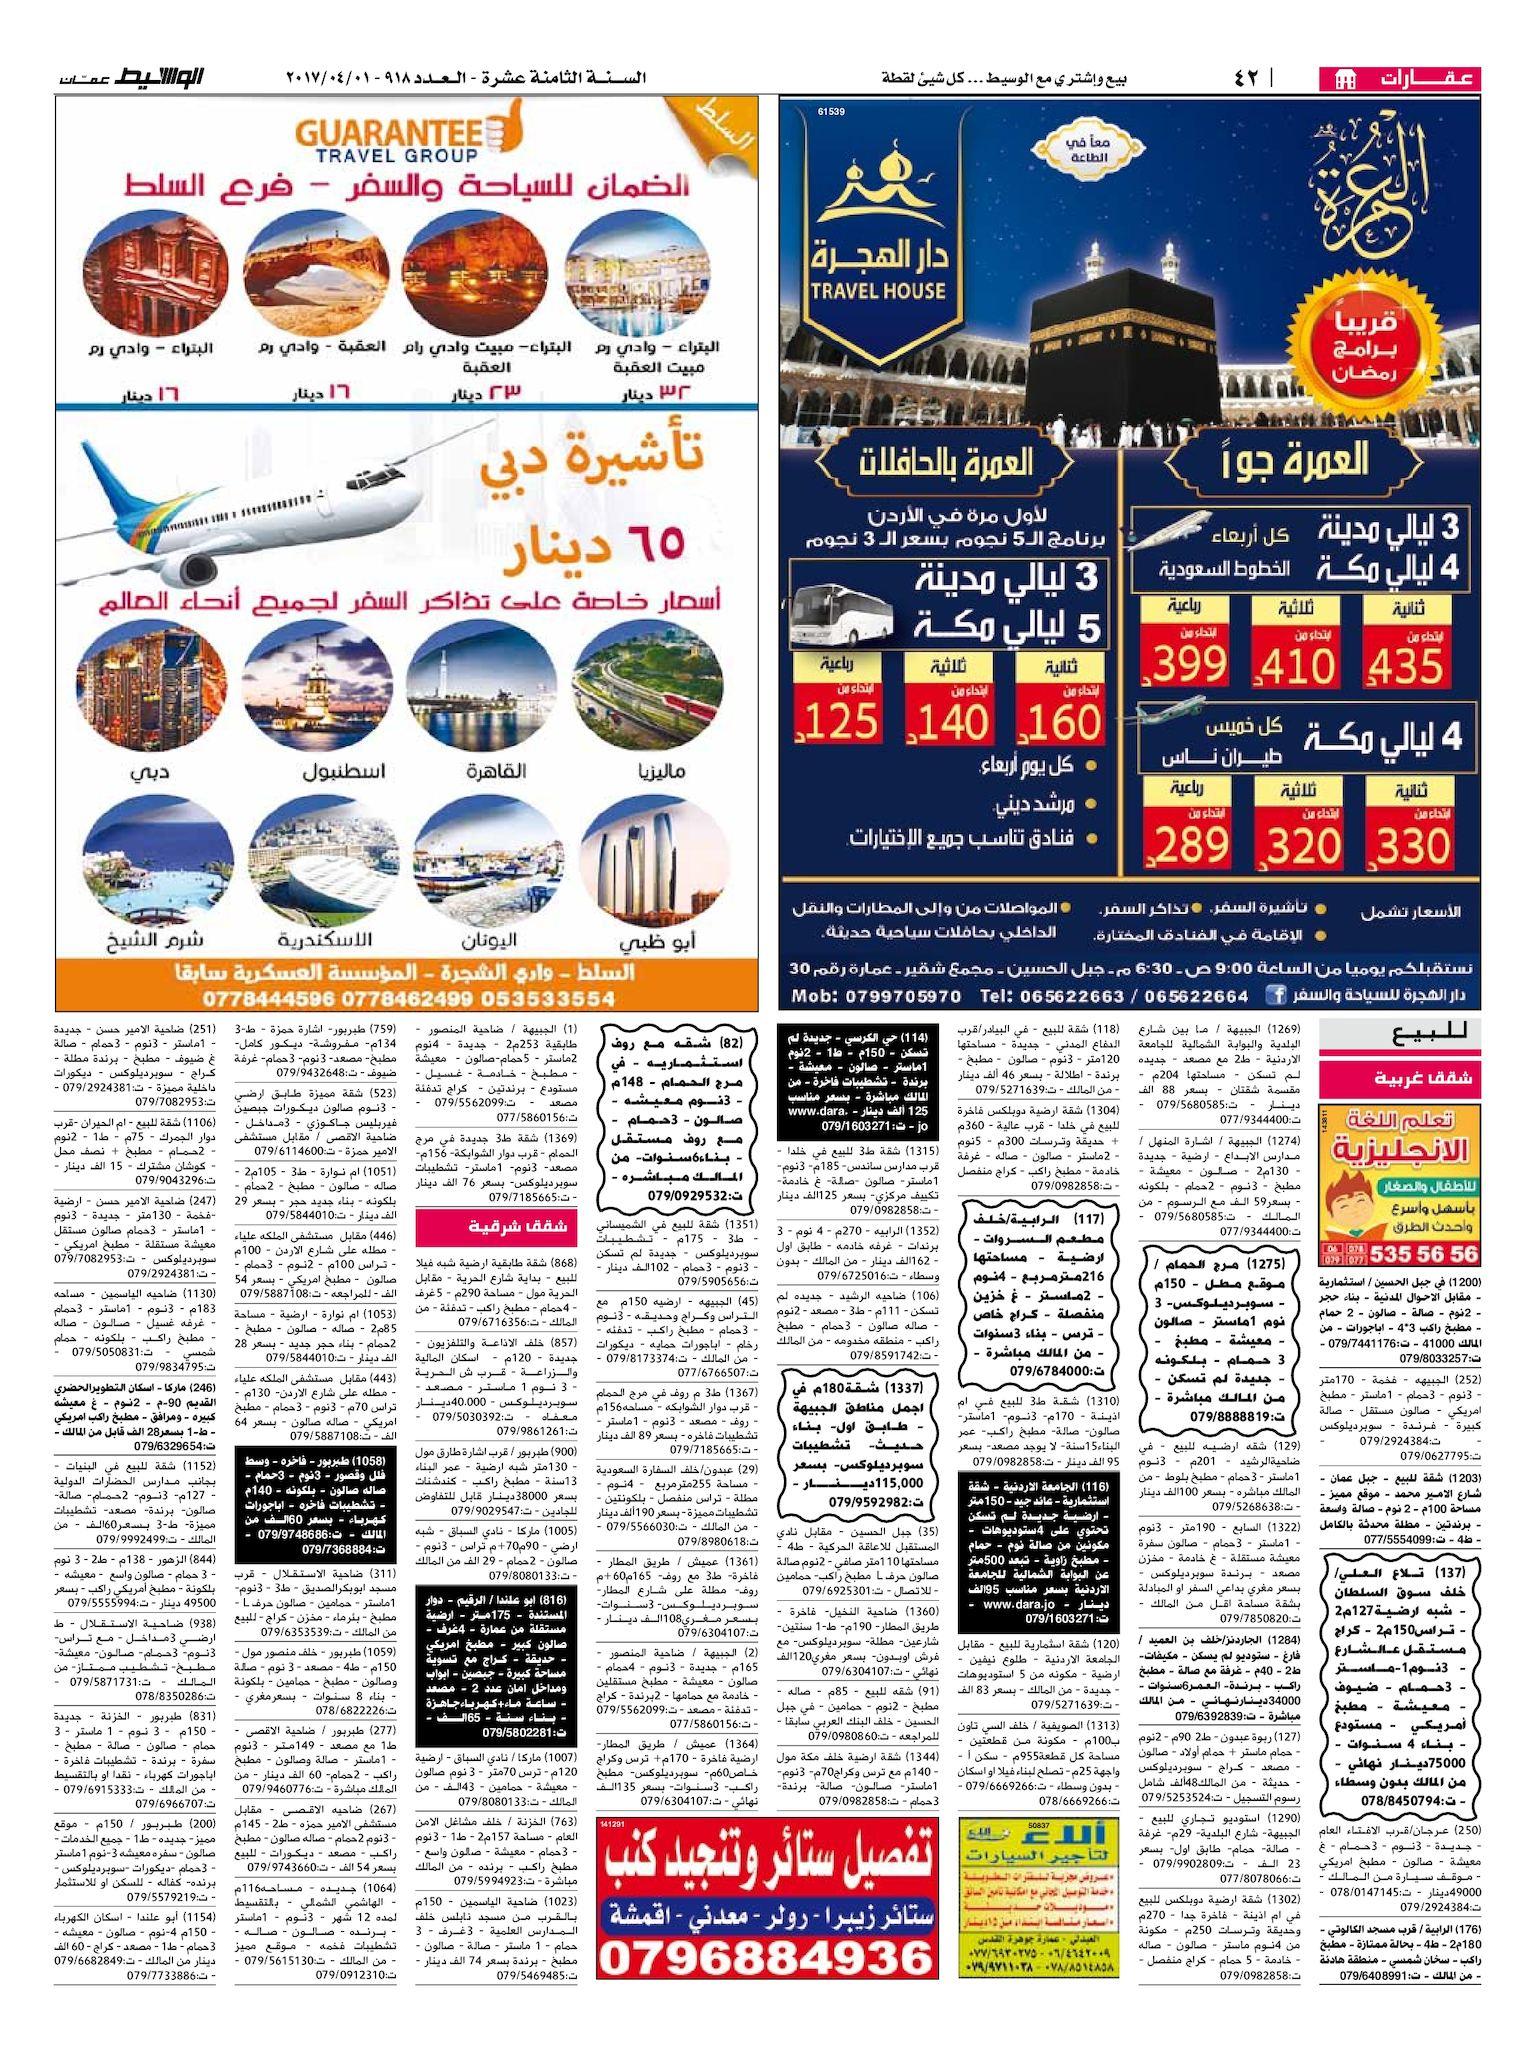 5e766131f Amman 01/04/2017 - CALAMEO Downloader